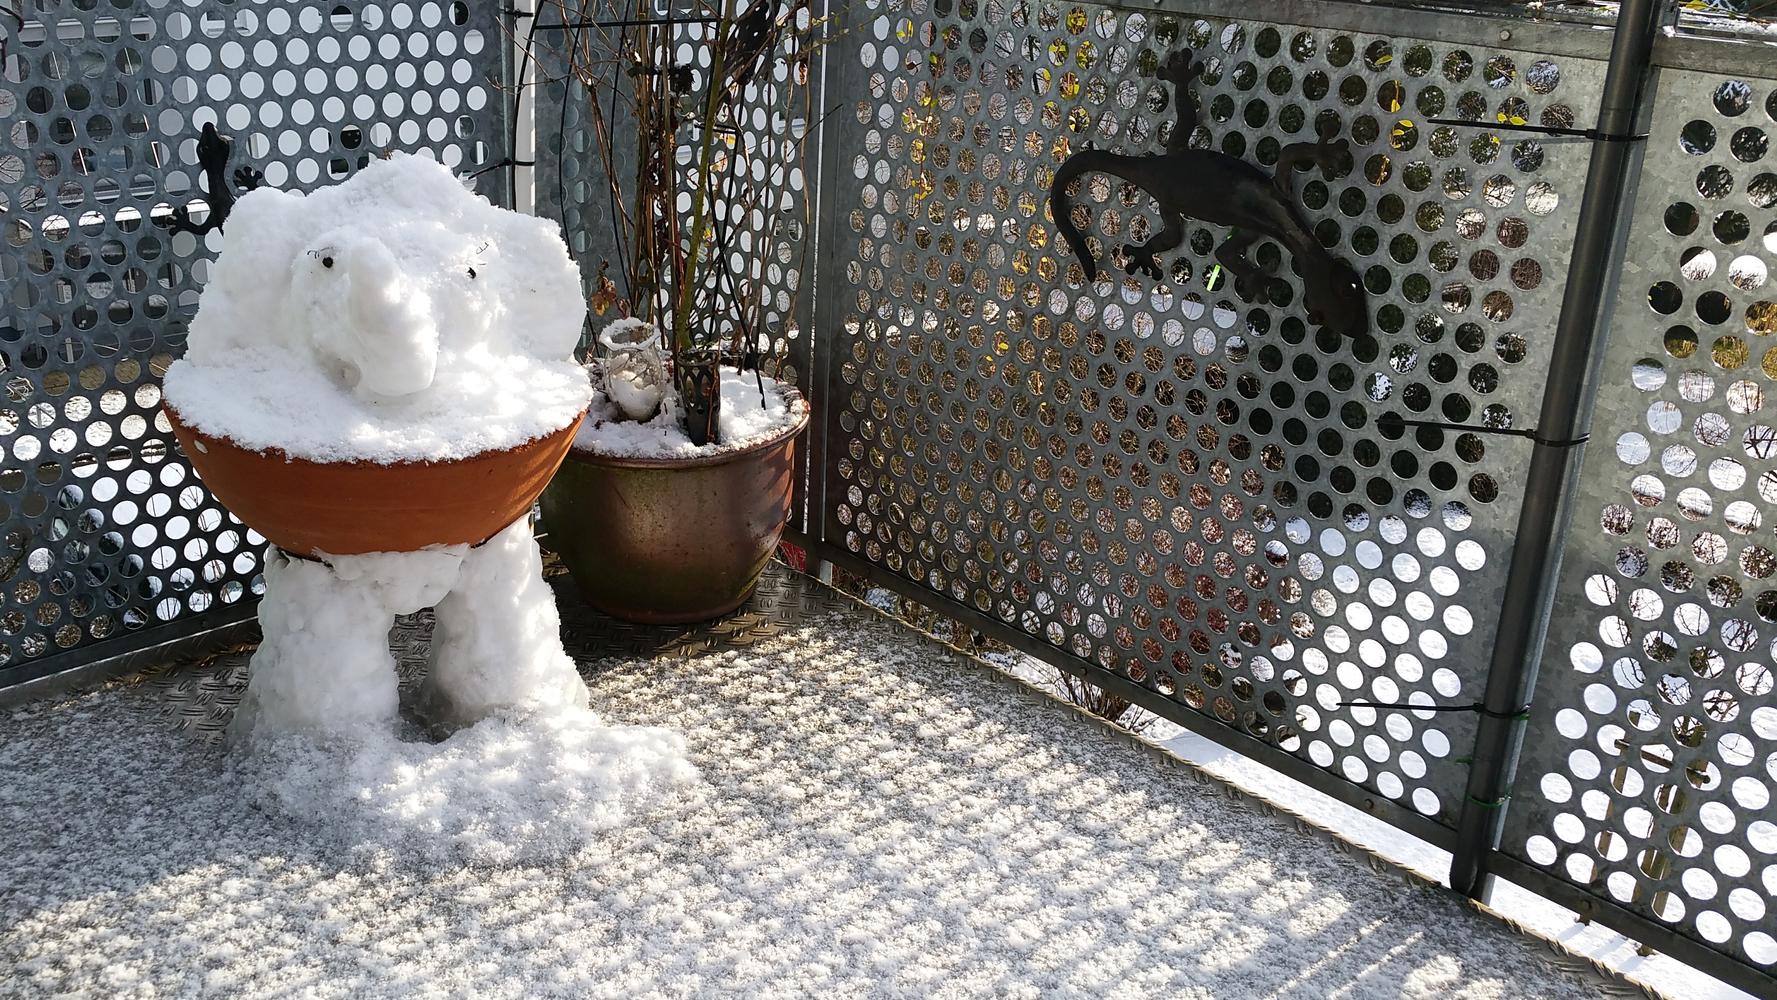 nach dem Bau hat's nochmal ein bissel geschnet, Schneeelefant mit Flocken in der Sonne - Kleiner Schneeelefant auf dem Balkon in Konstanz - #Schnee